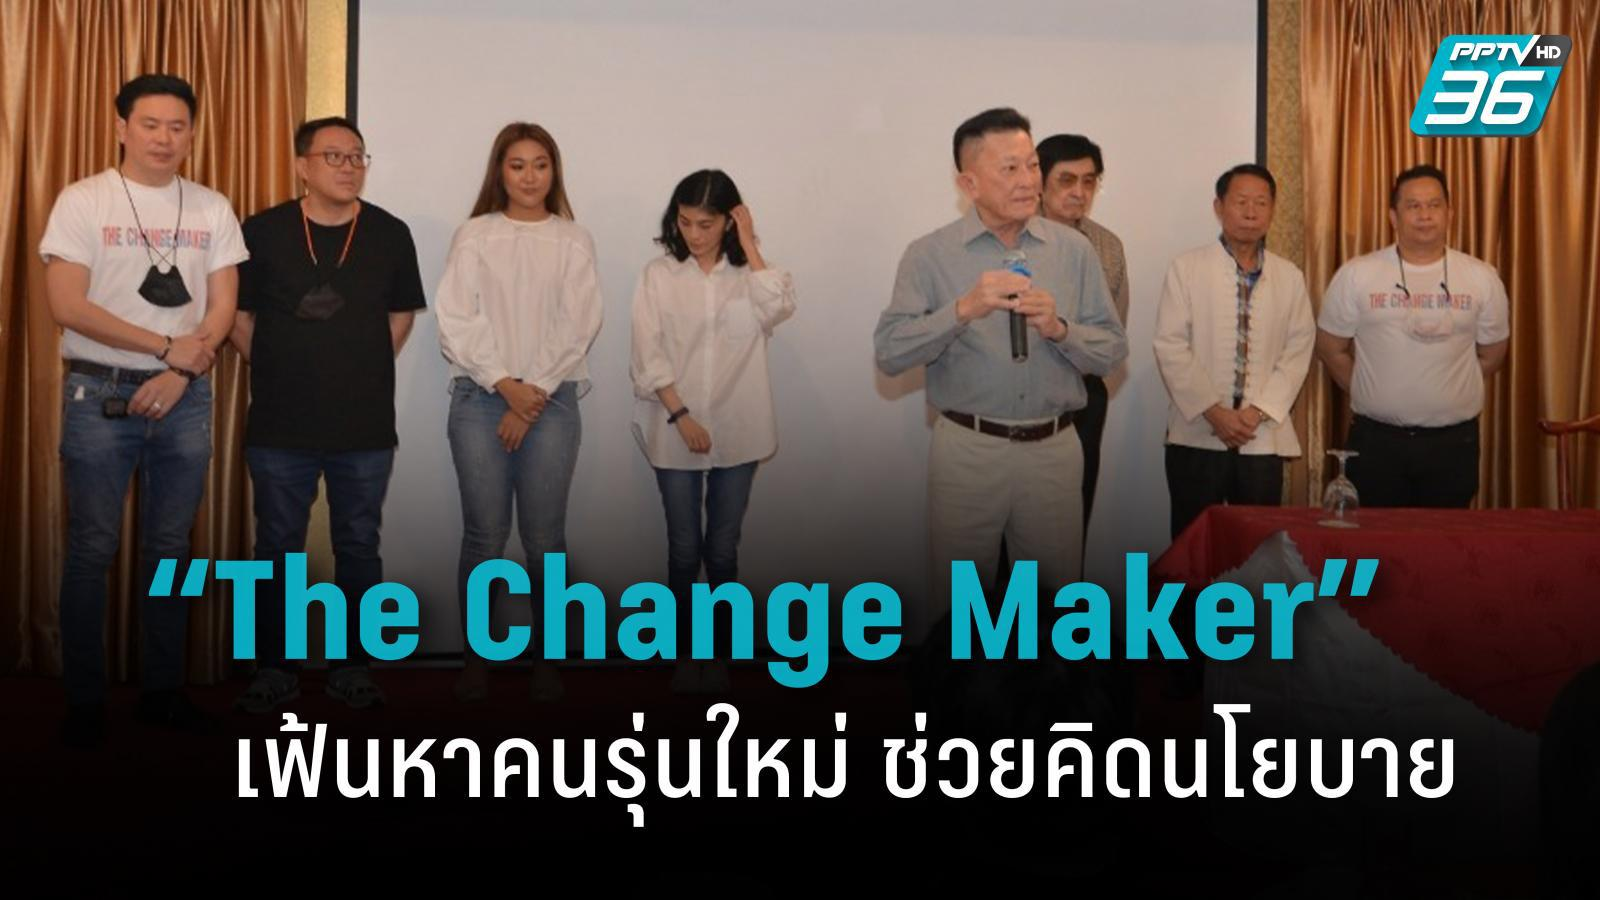 """คาราวาน """"The Change Maker"""" ลุยเชียงใหม่ เฟ้นหาคนรุ่นใหม่ ช่วยคิดนโยบาย"""